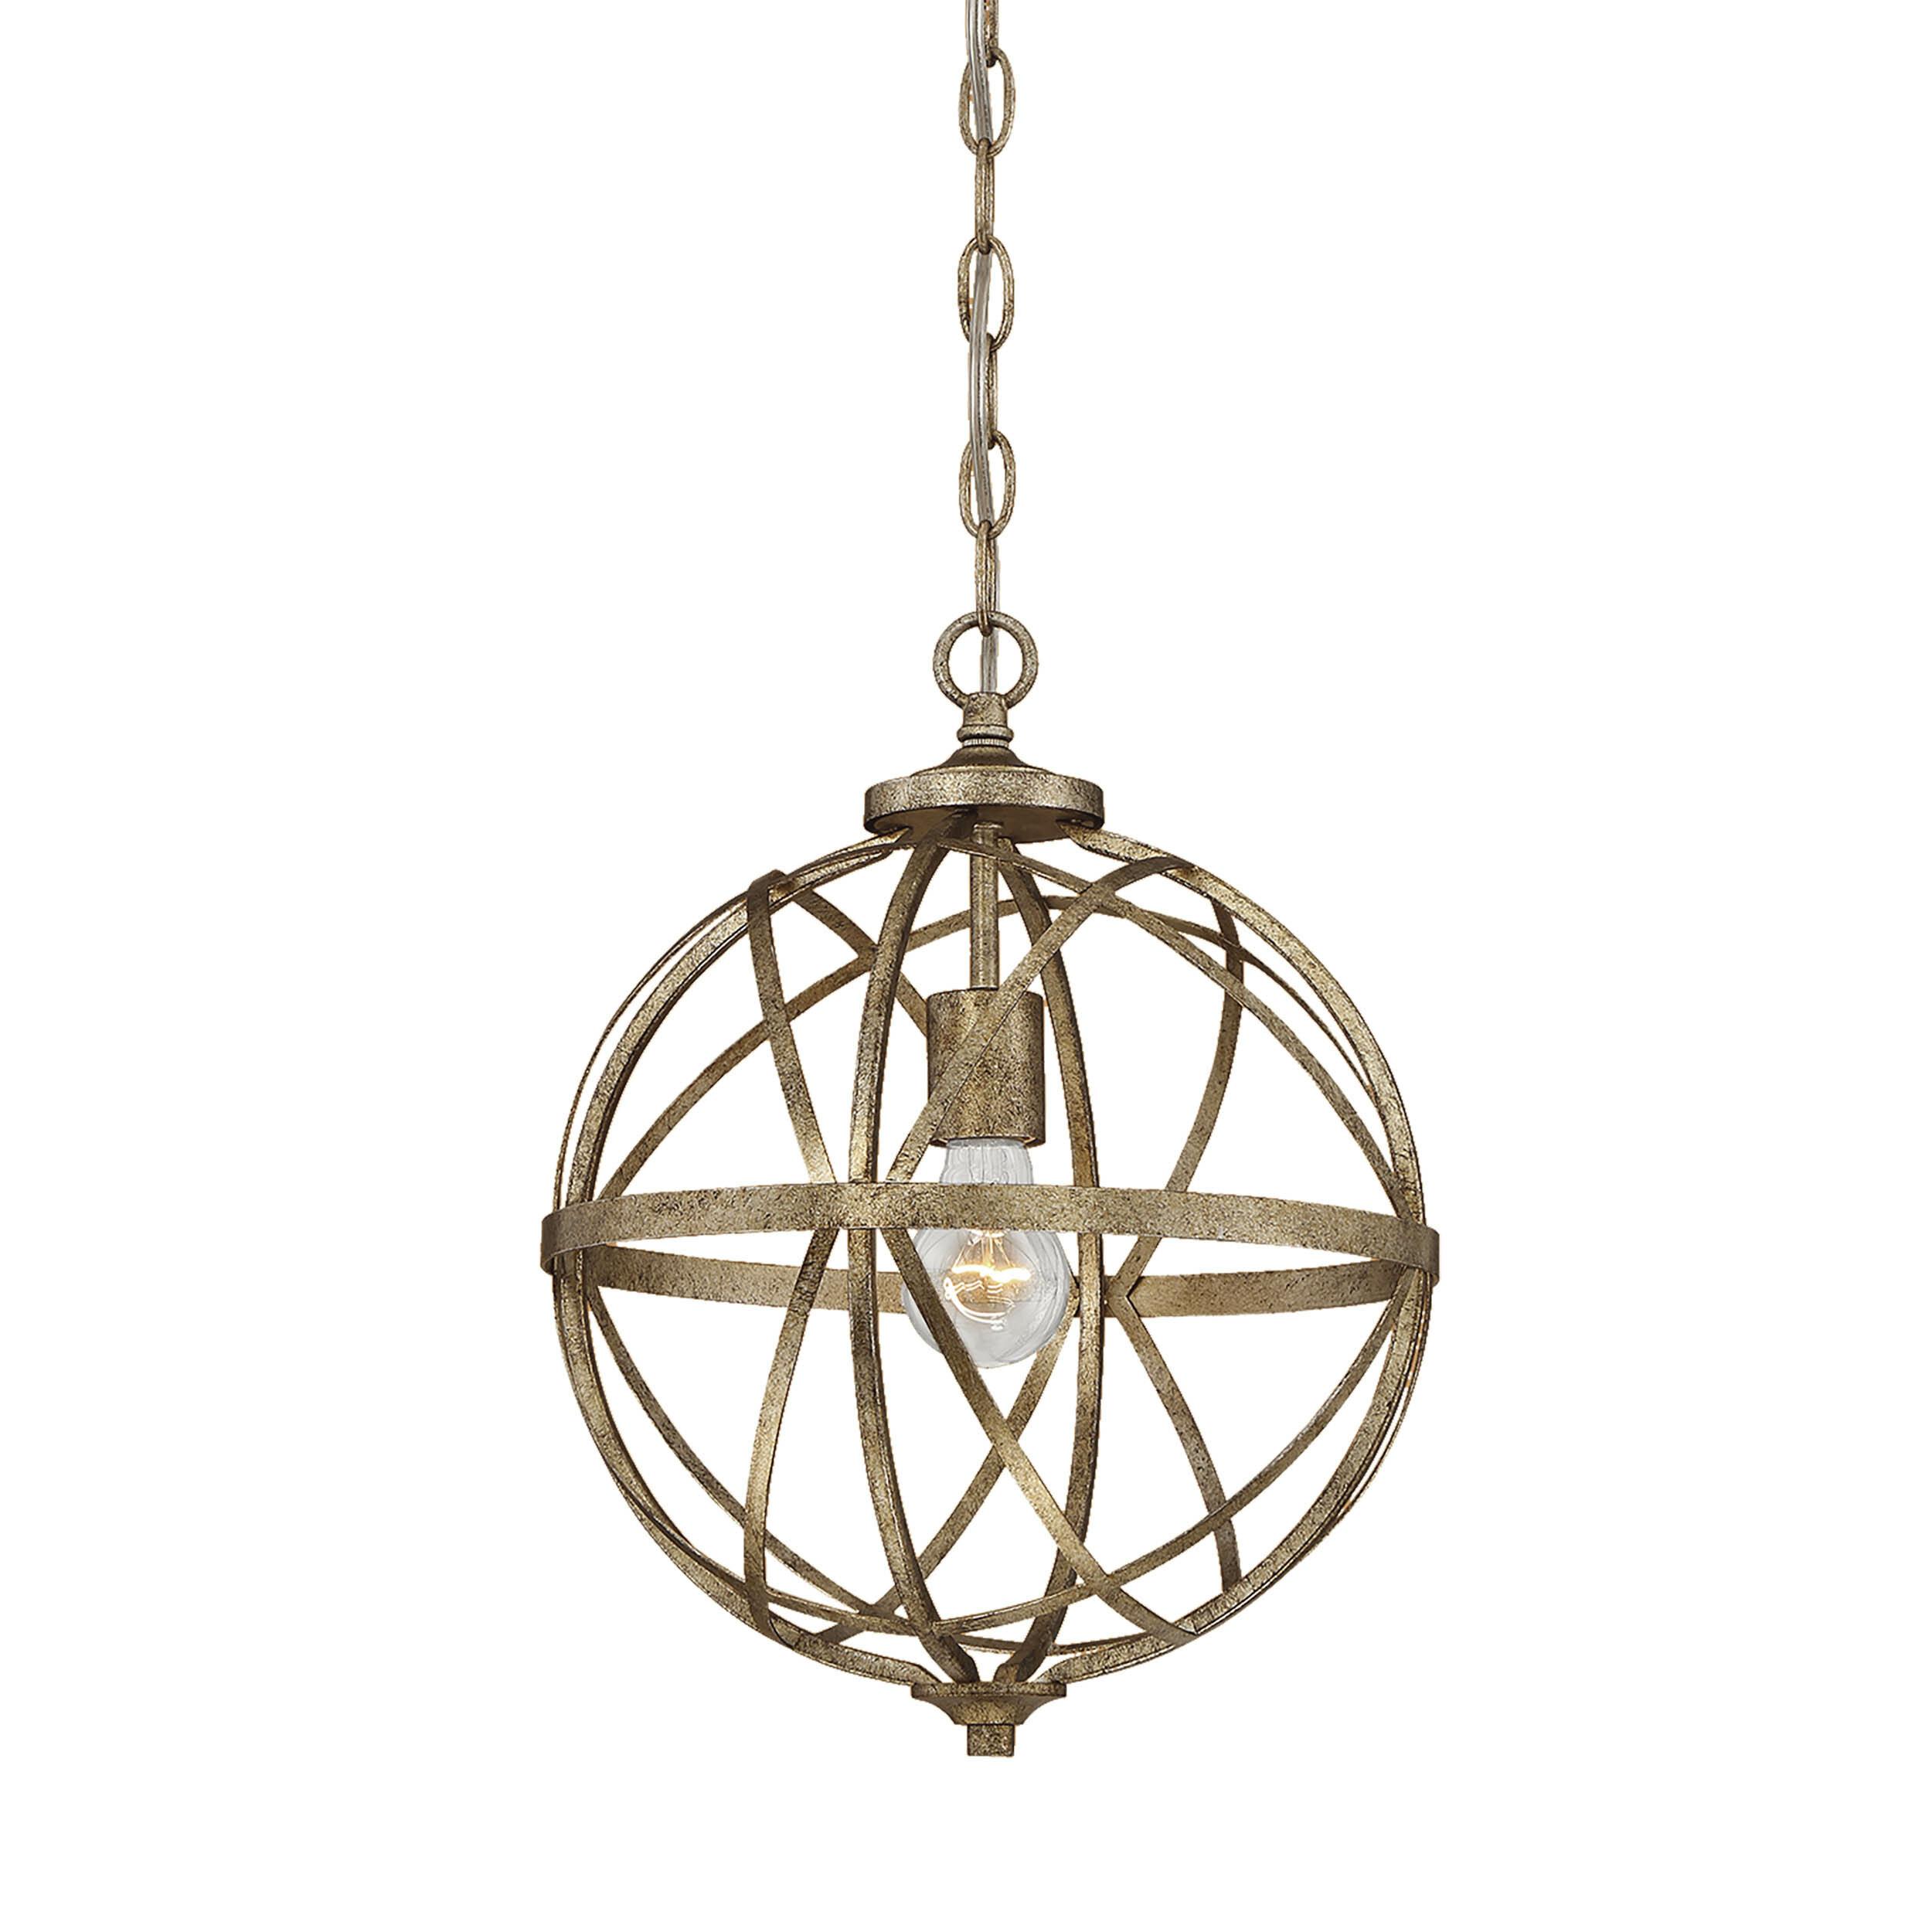 Rodden 1-Light Single Globe Pendant regarding Irwin 1-Light Single Globe Pendants (Image 26 of 30)